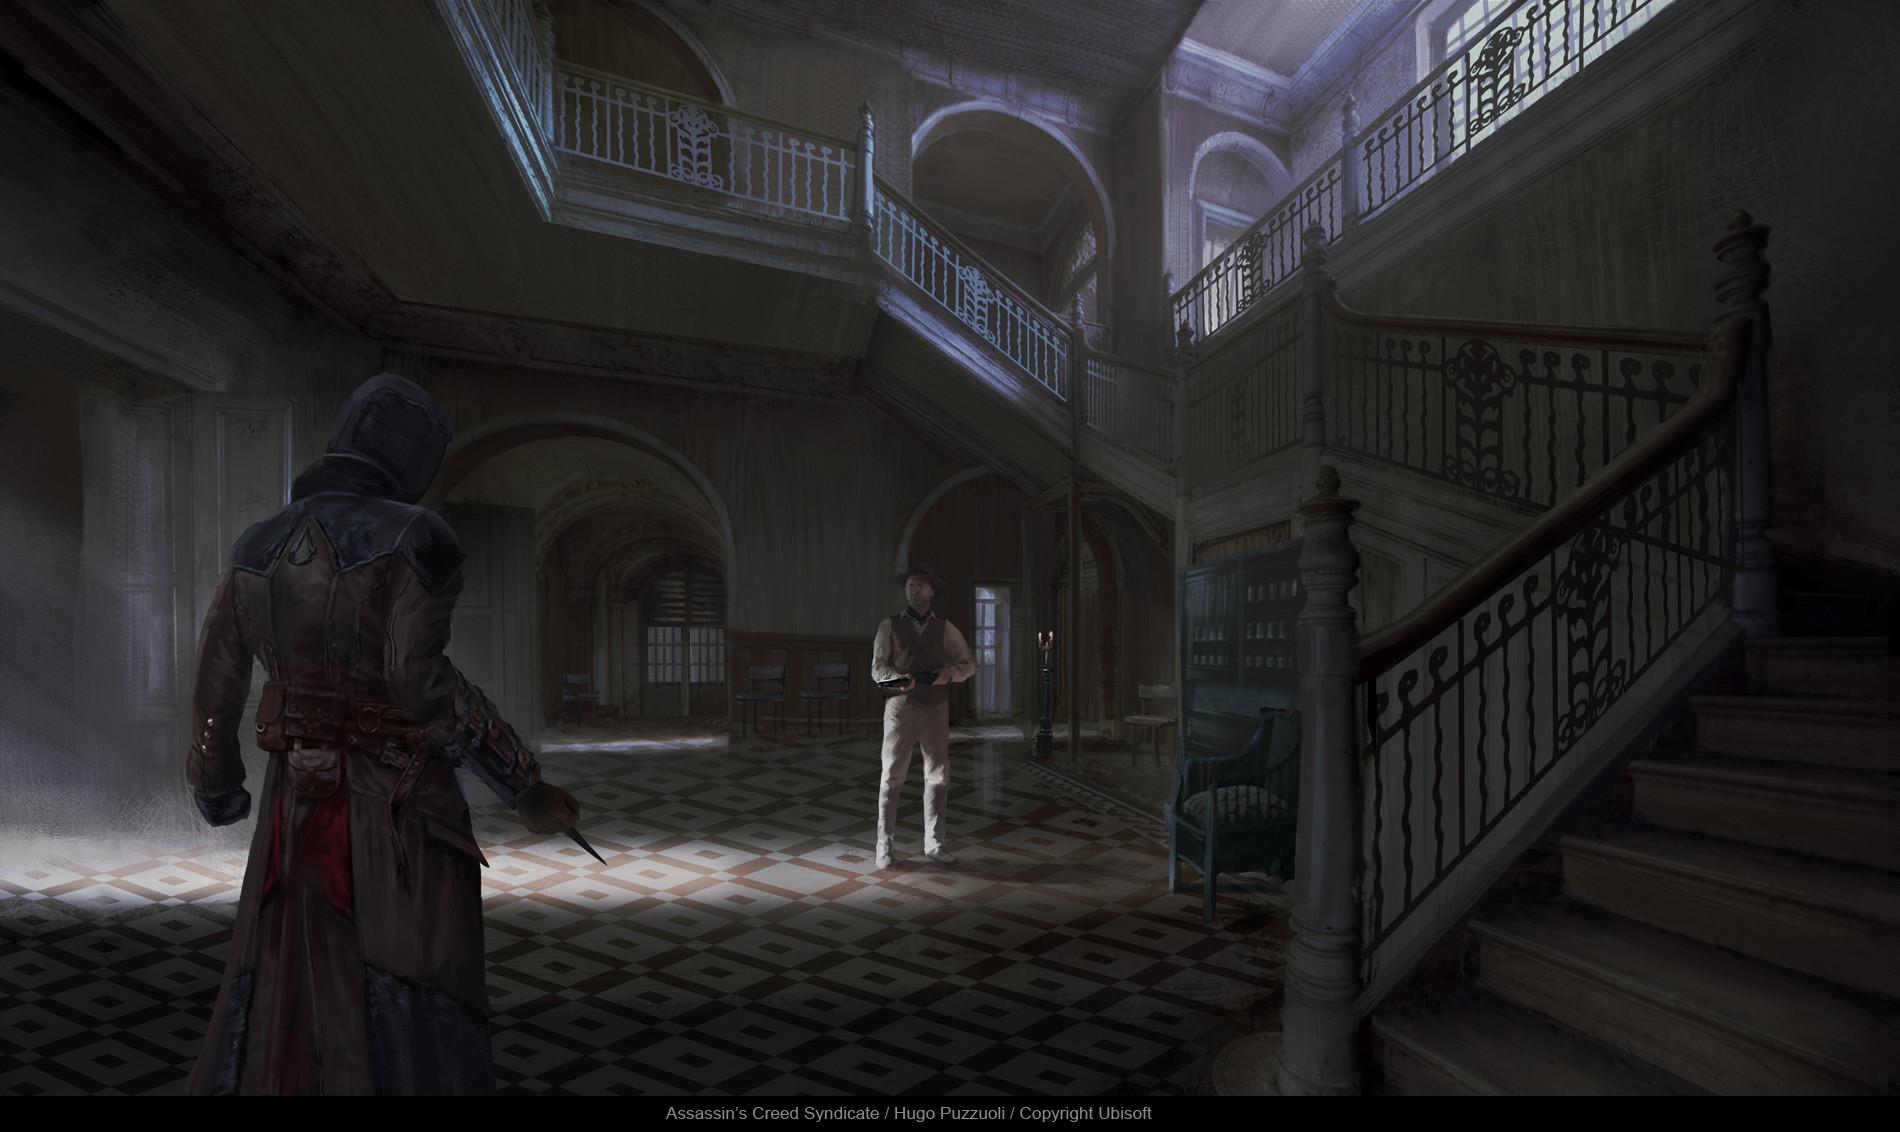 Hugo puzzuoli bedlam asylum lobby 05 hpuzzuoli